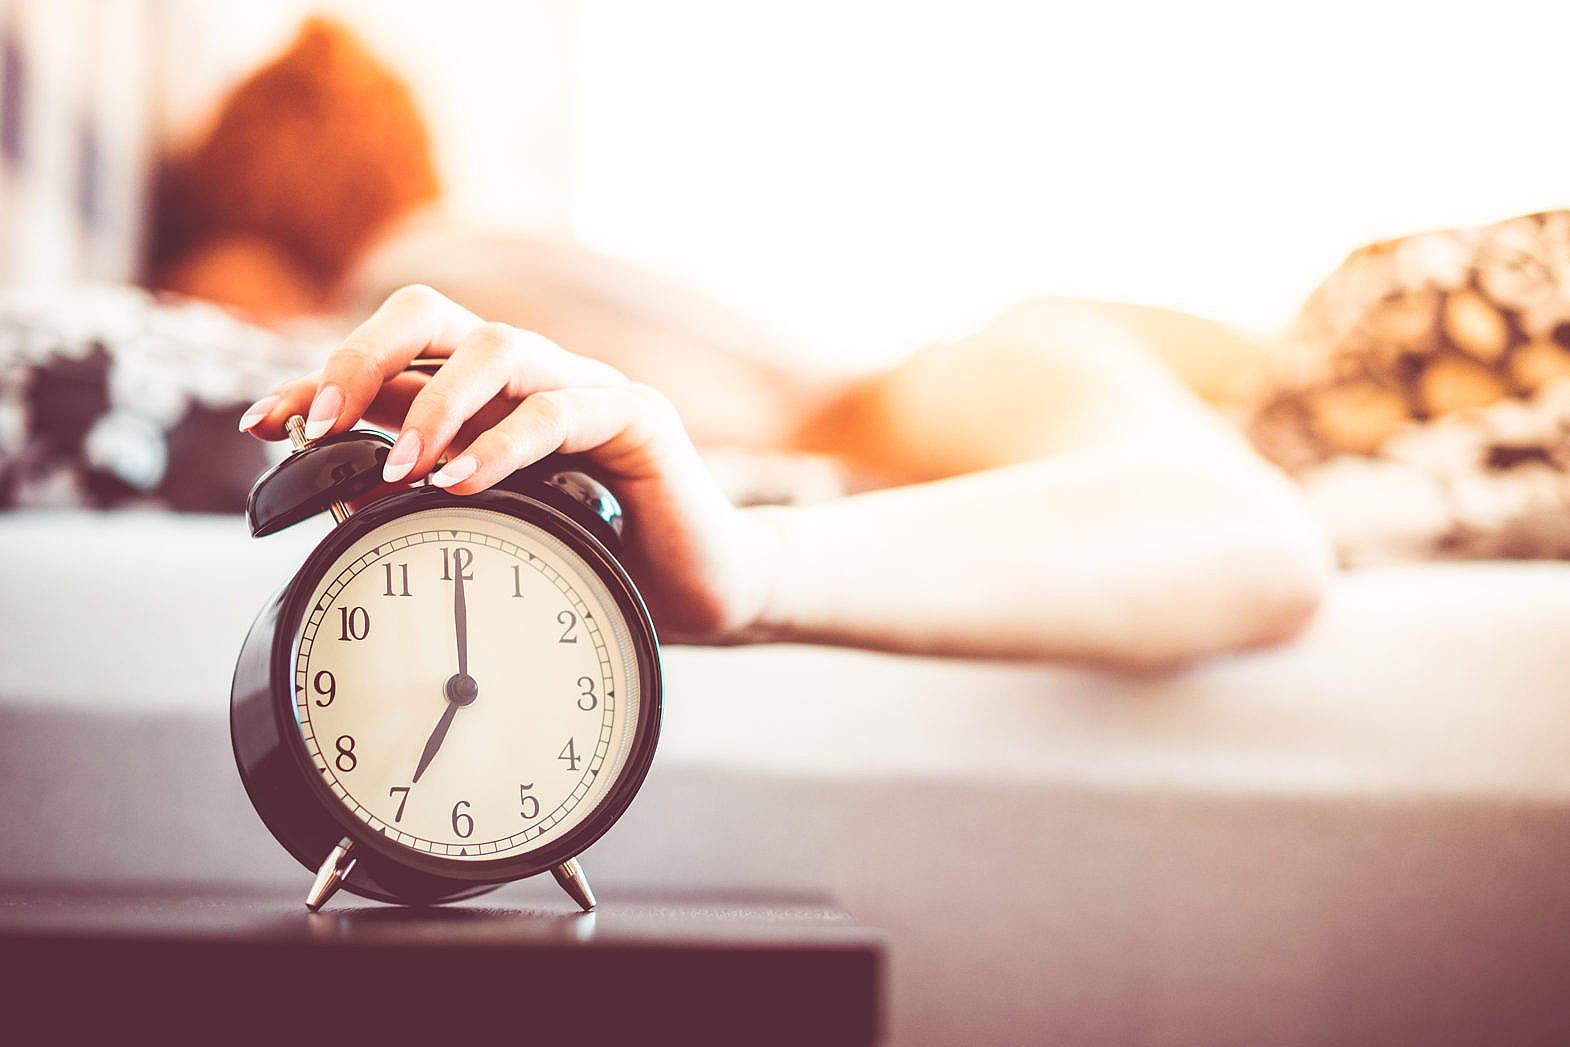 4. 進食後會想睡及覺得身體發軟。